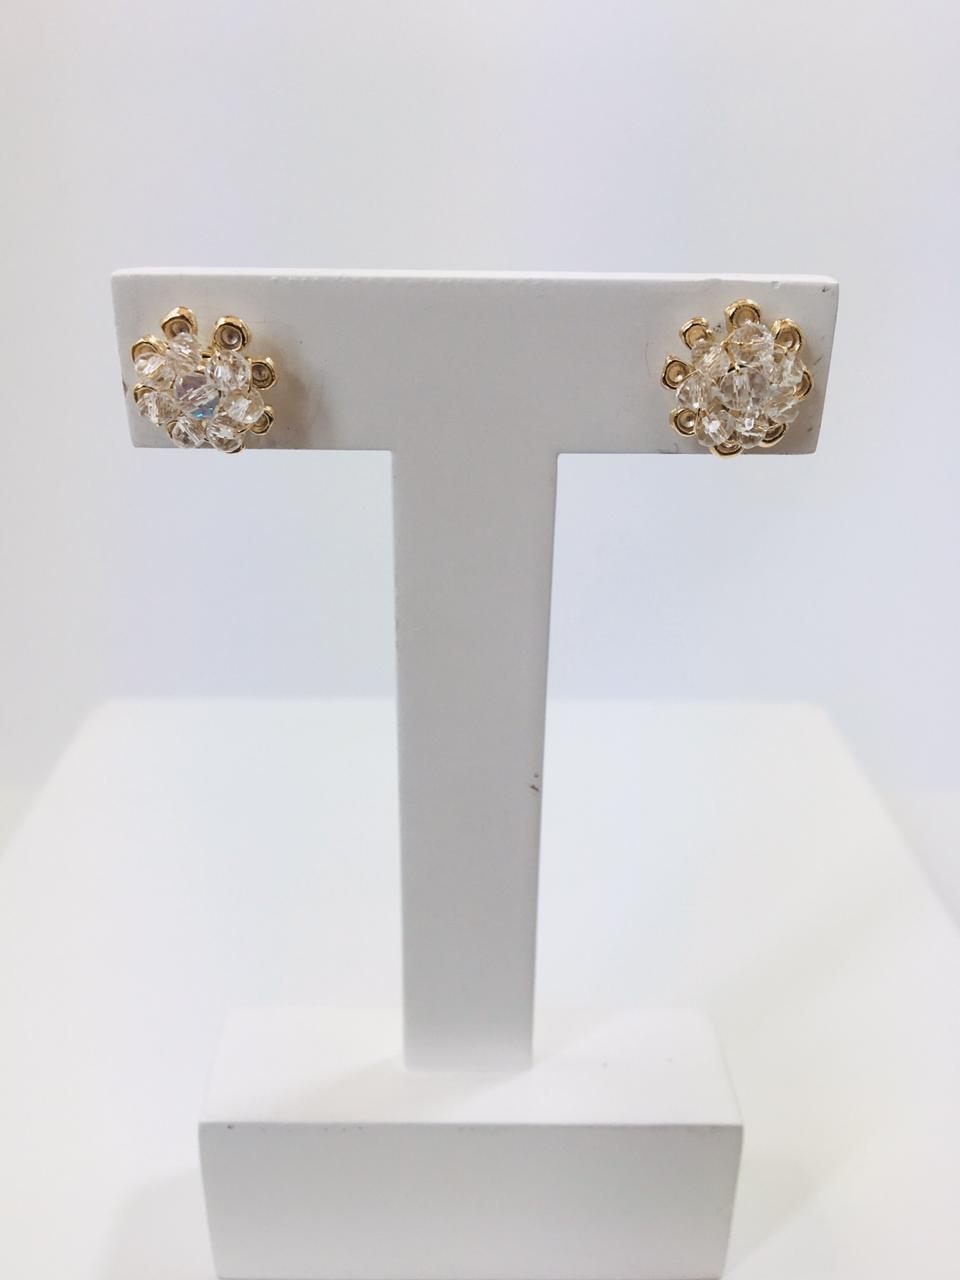 Brinco bordado com cristais transparente folheado em ouro 18k - B3T0009